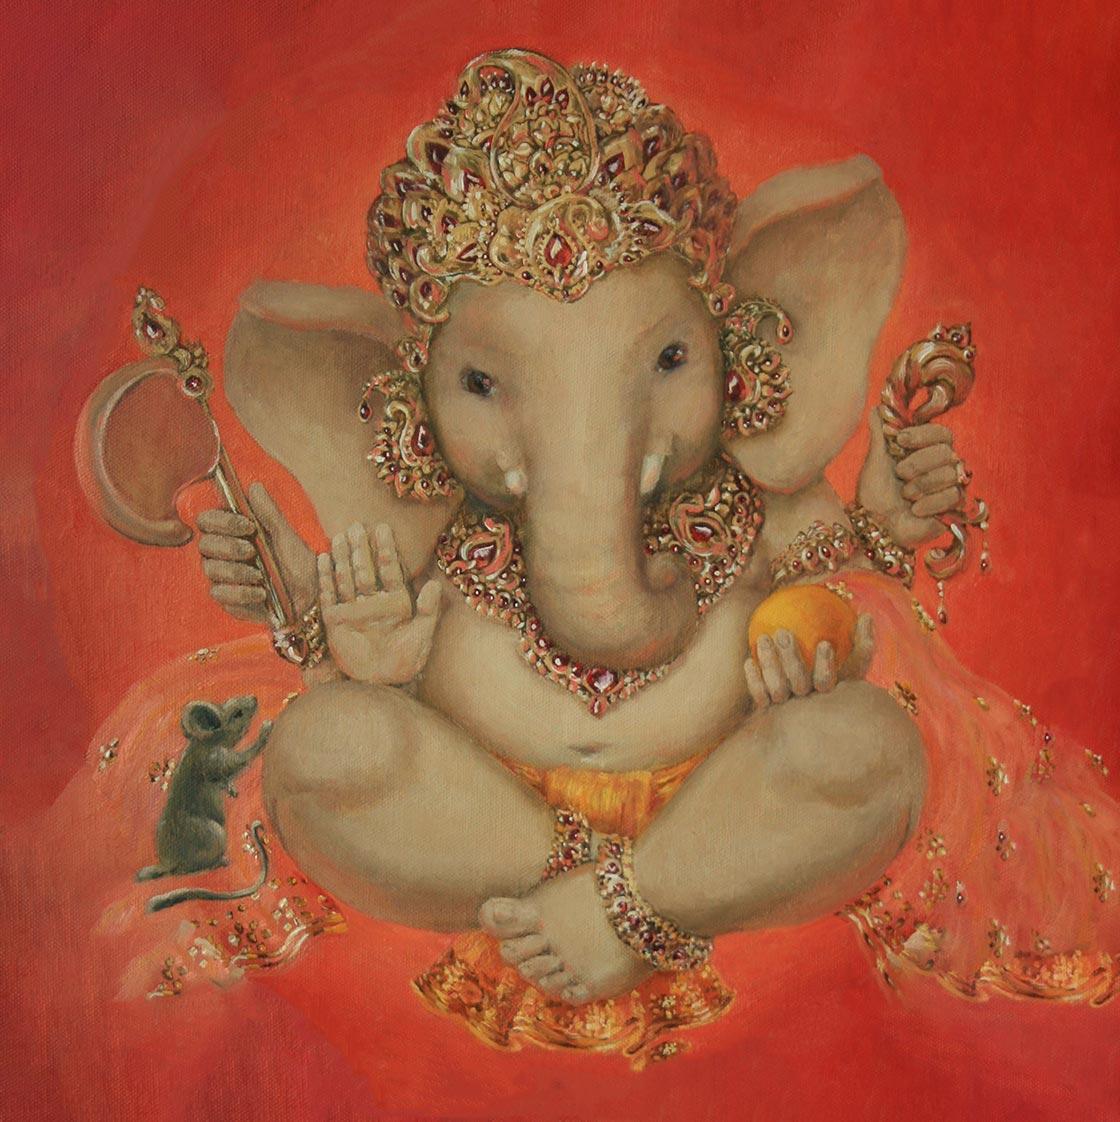 Mooladhara_-_Shri_Ganesha.jpg